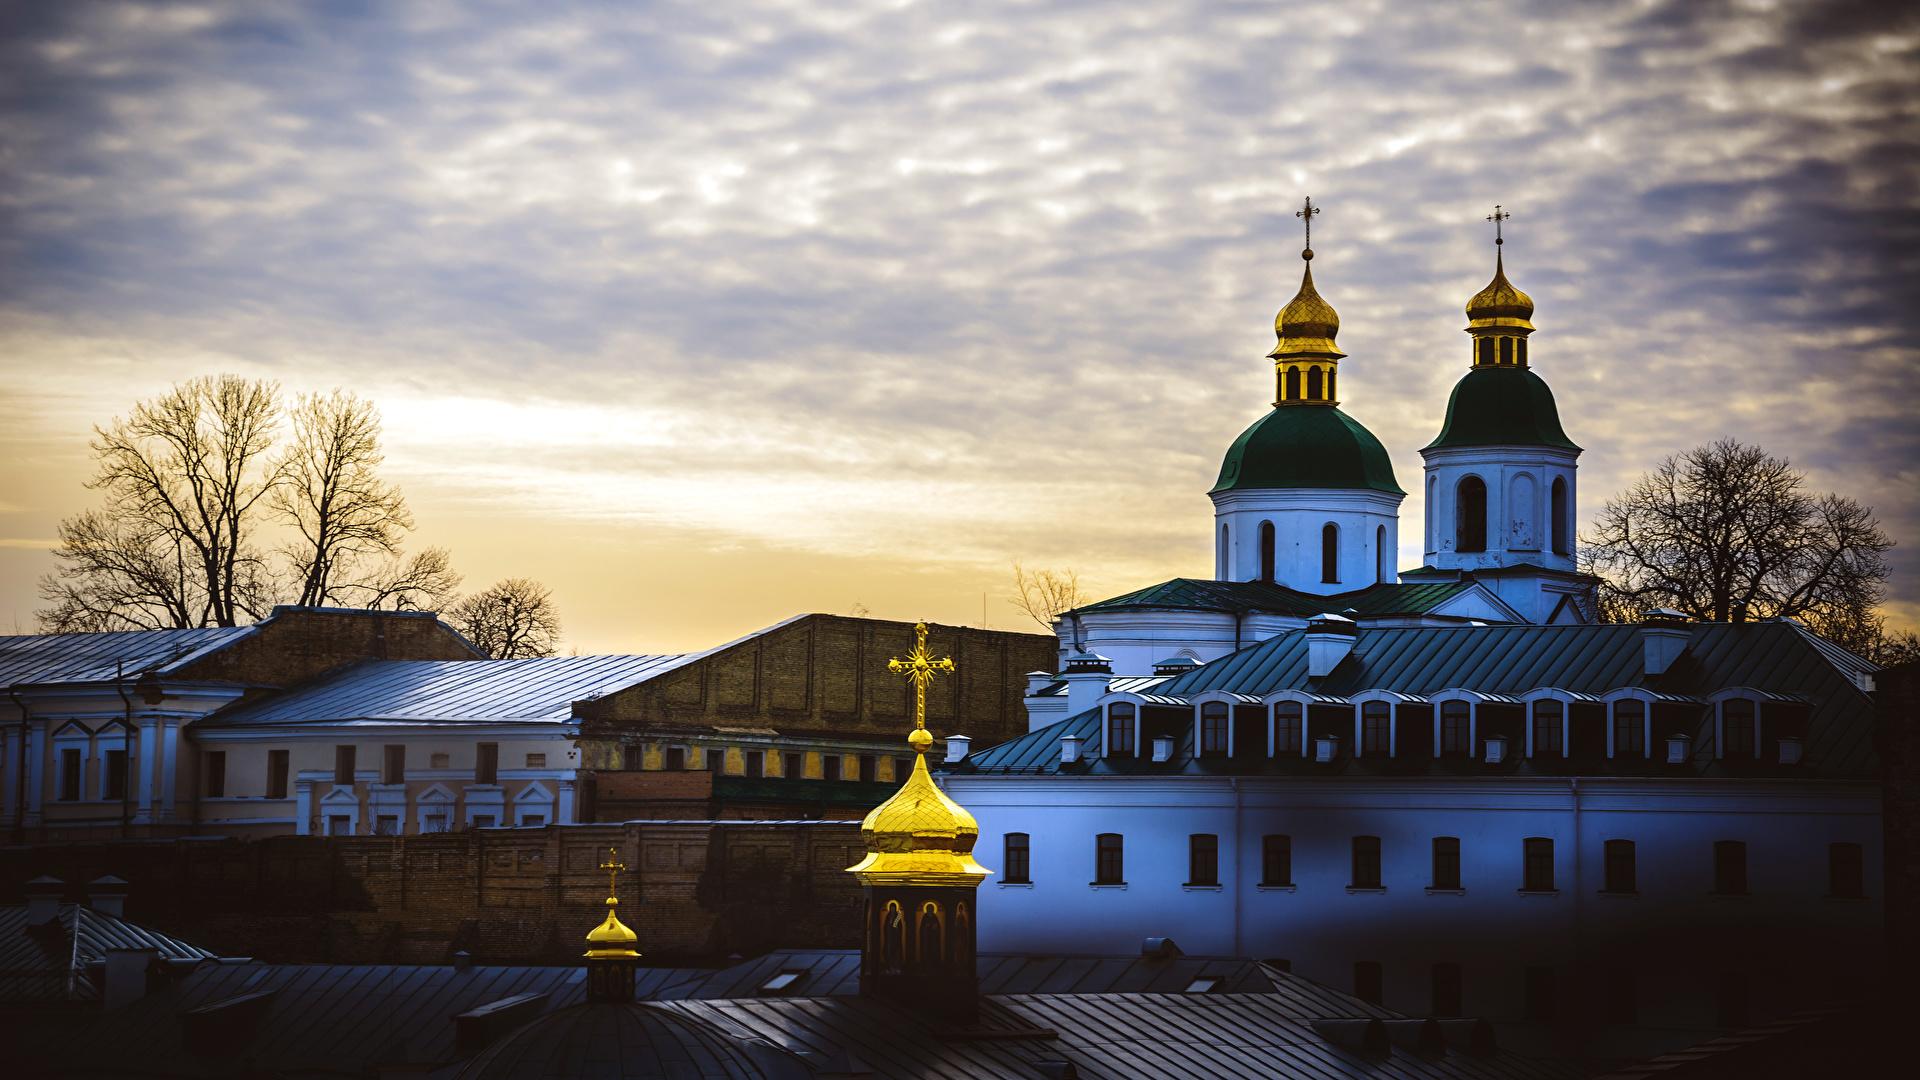 Обои церковь, купол. Города foto 8